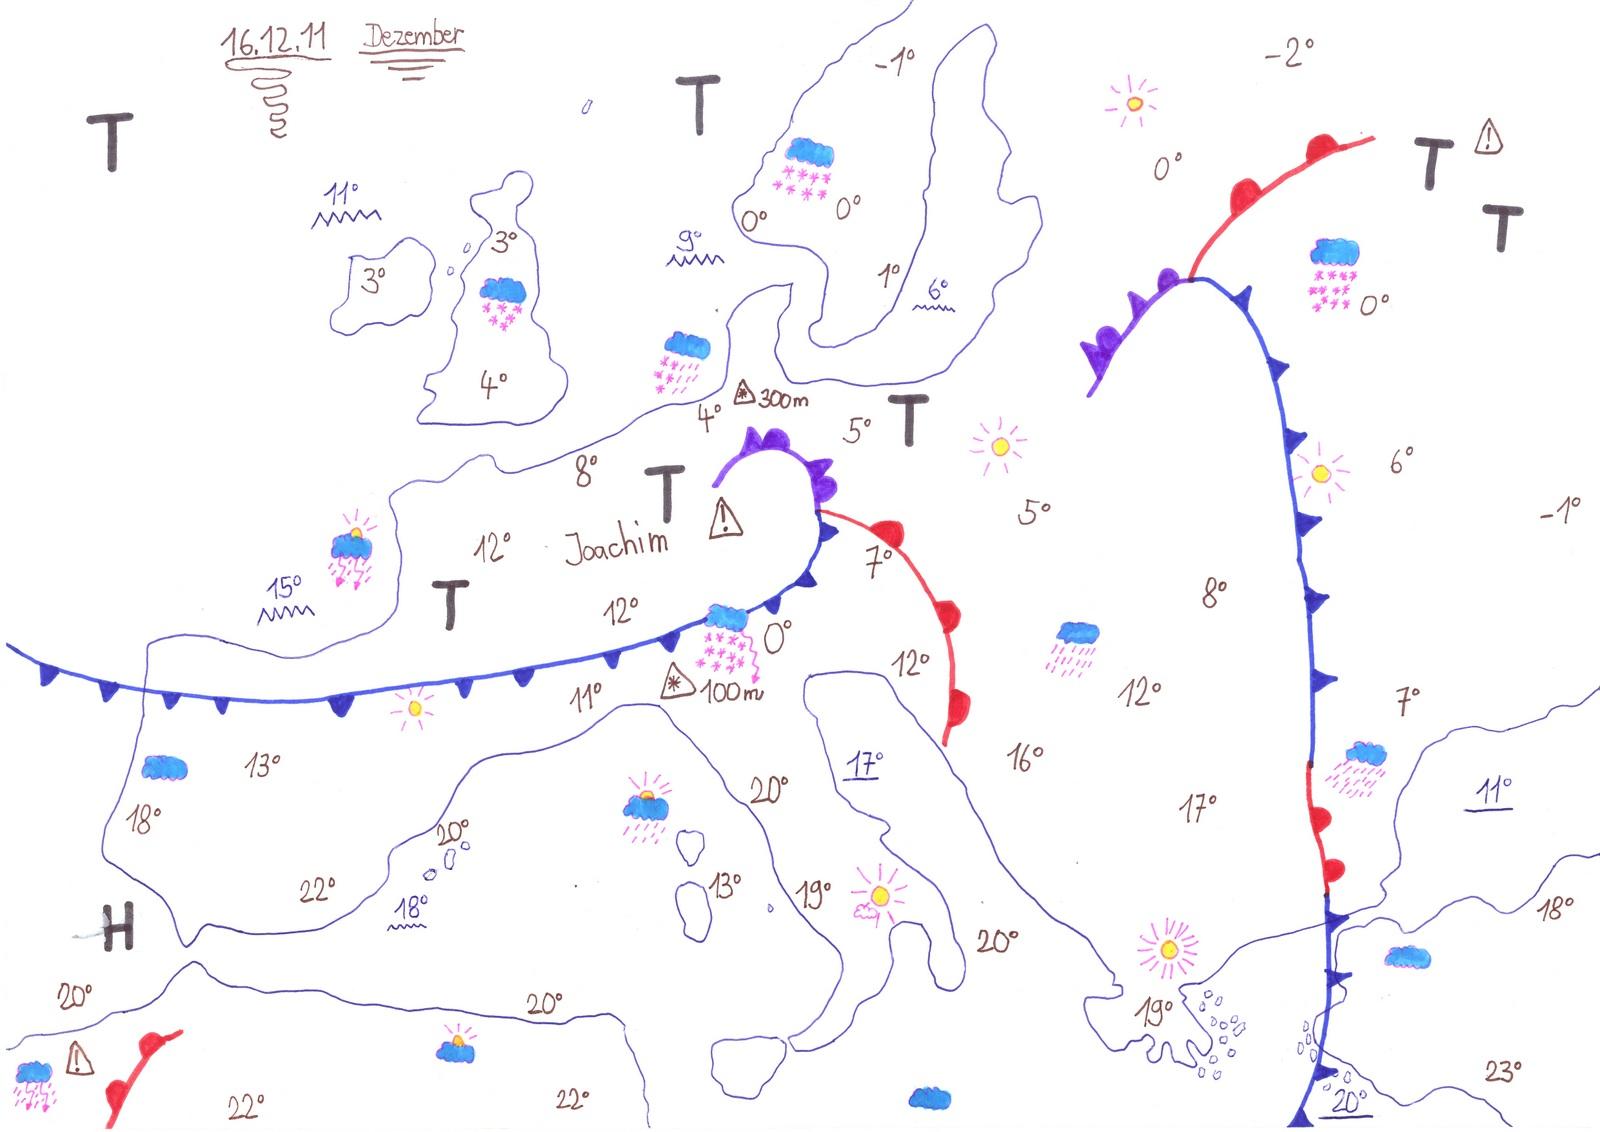 Eigene Wetterberichte - Florians Wetterseite